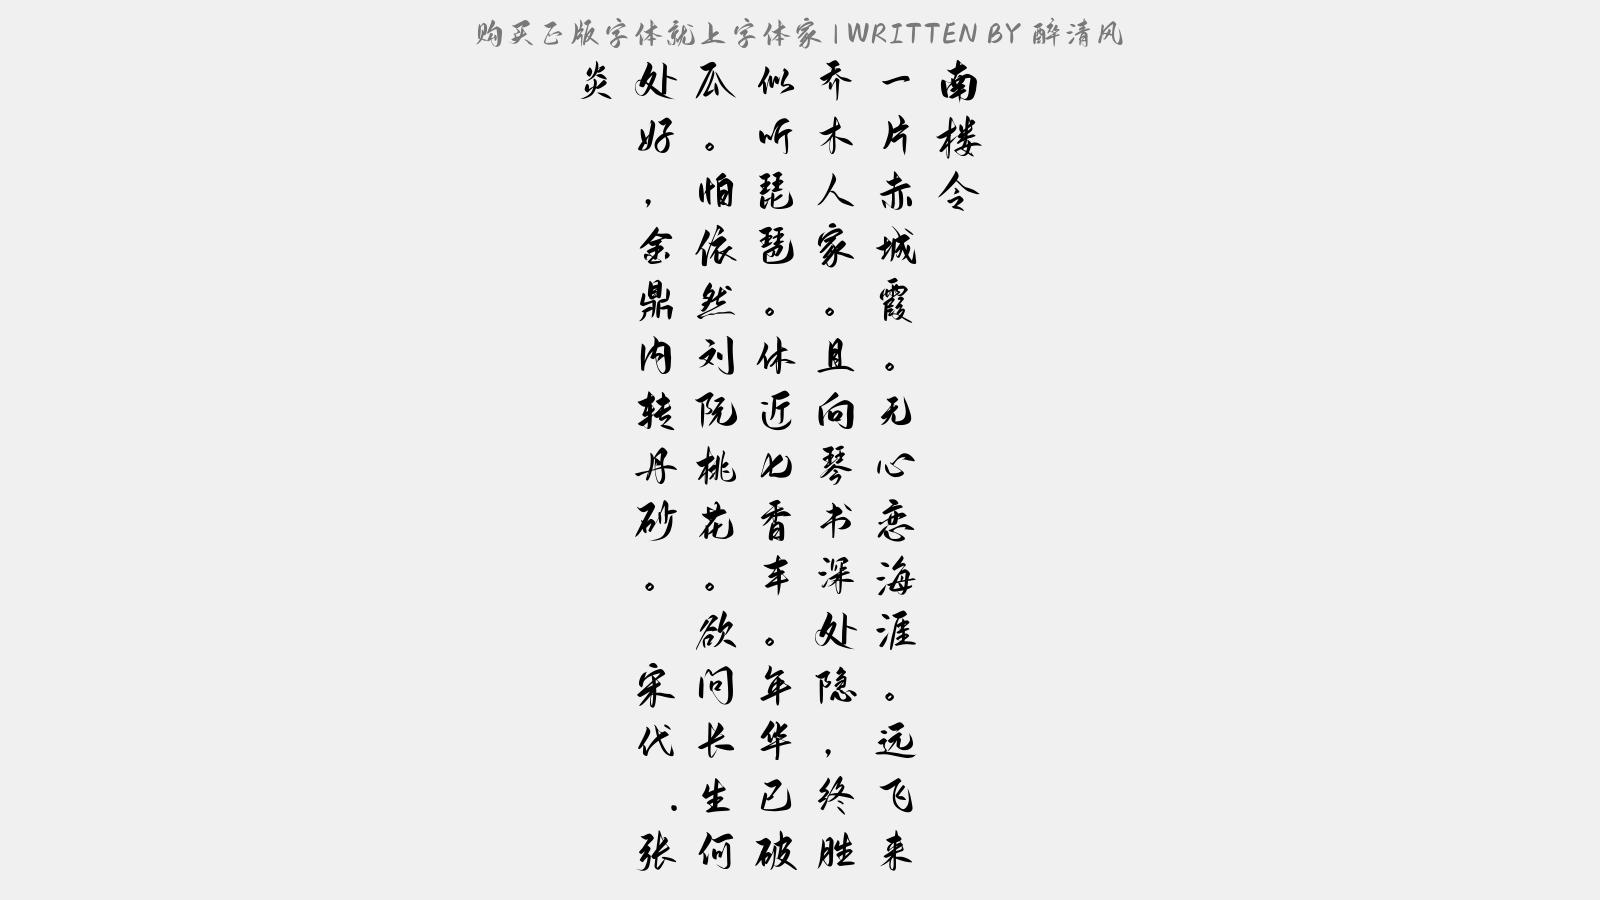 醉清風 - 南樓令(壽邵素心席間賦)